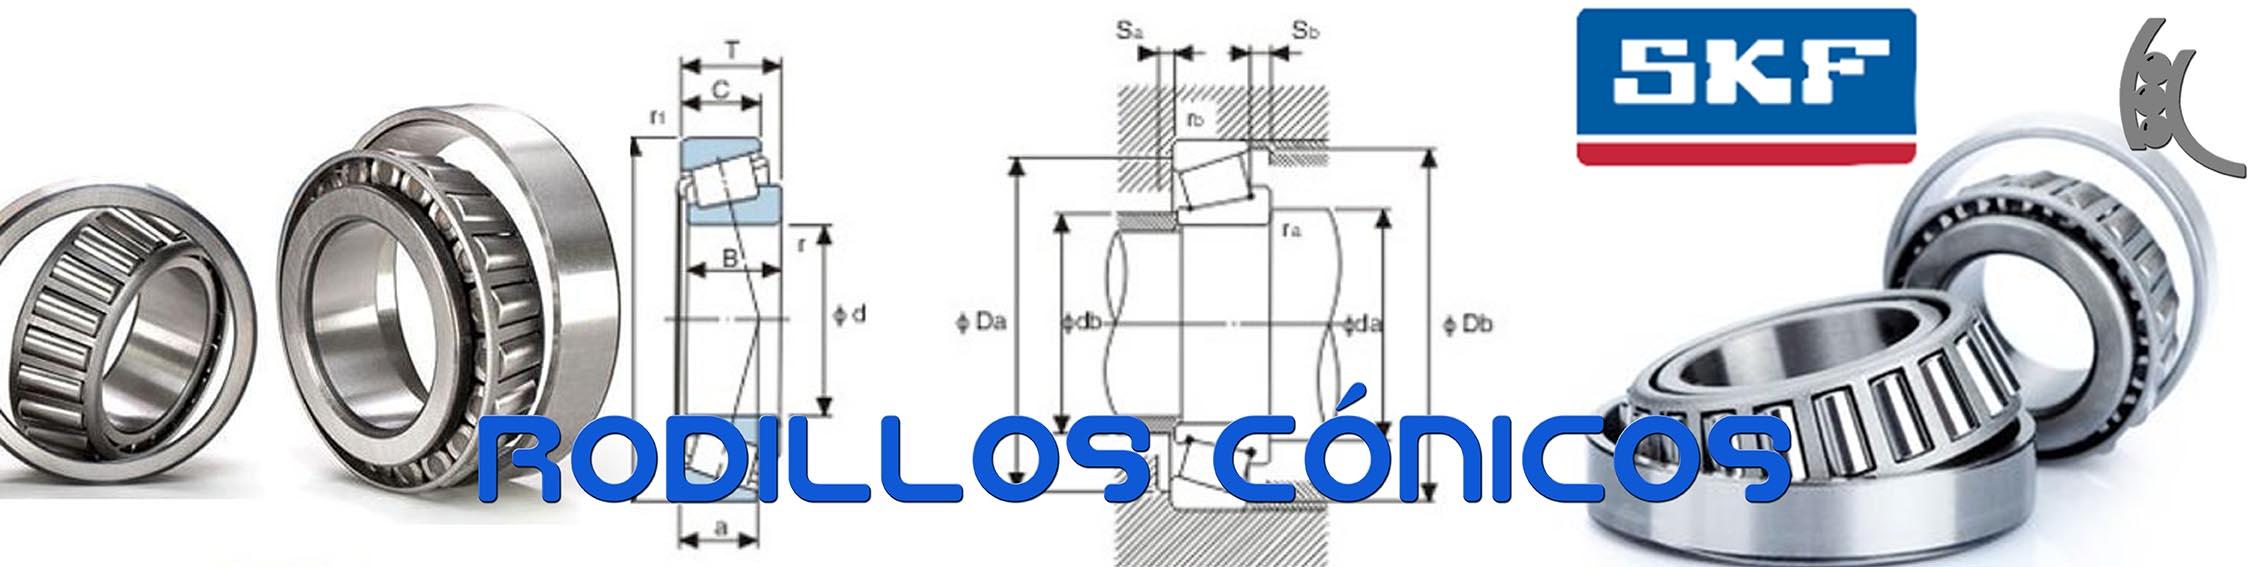 rodillos conicos 2.jpg